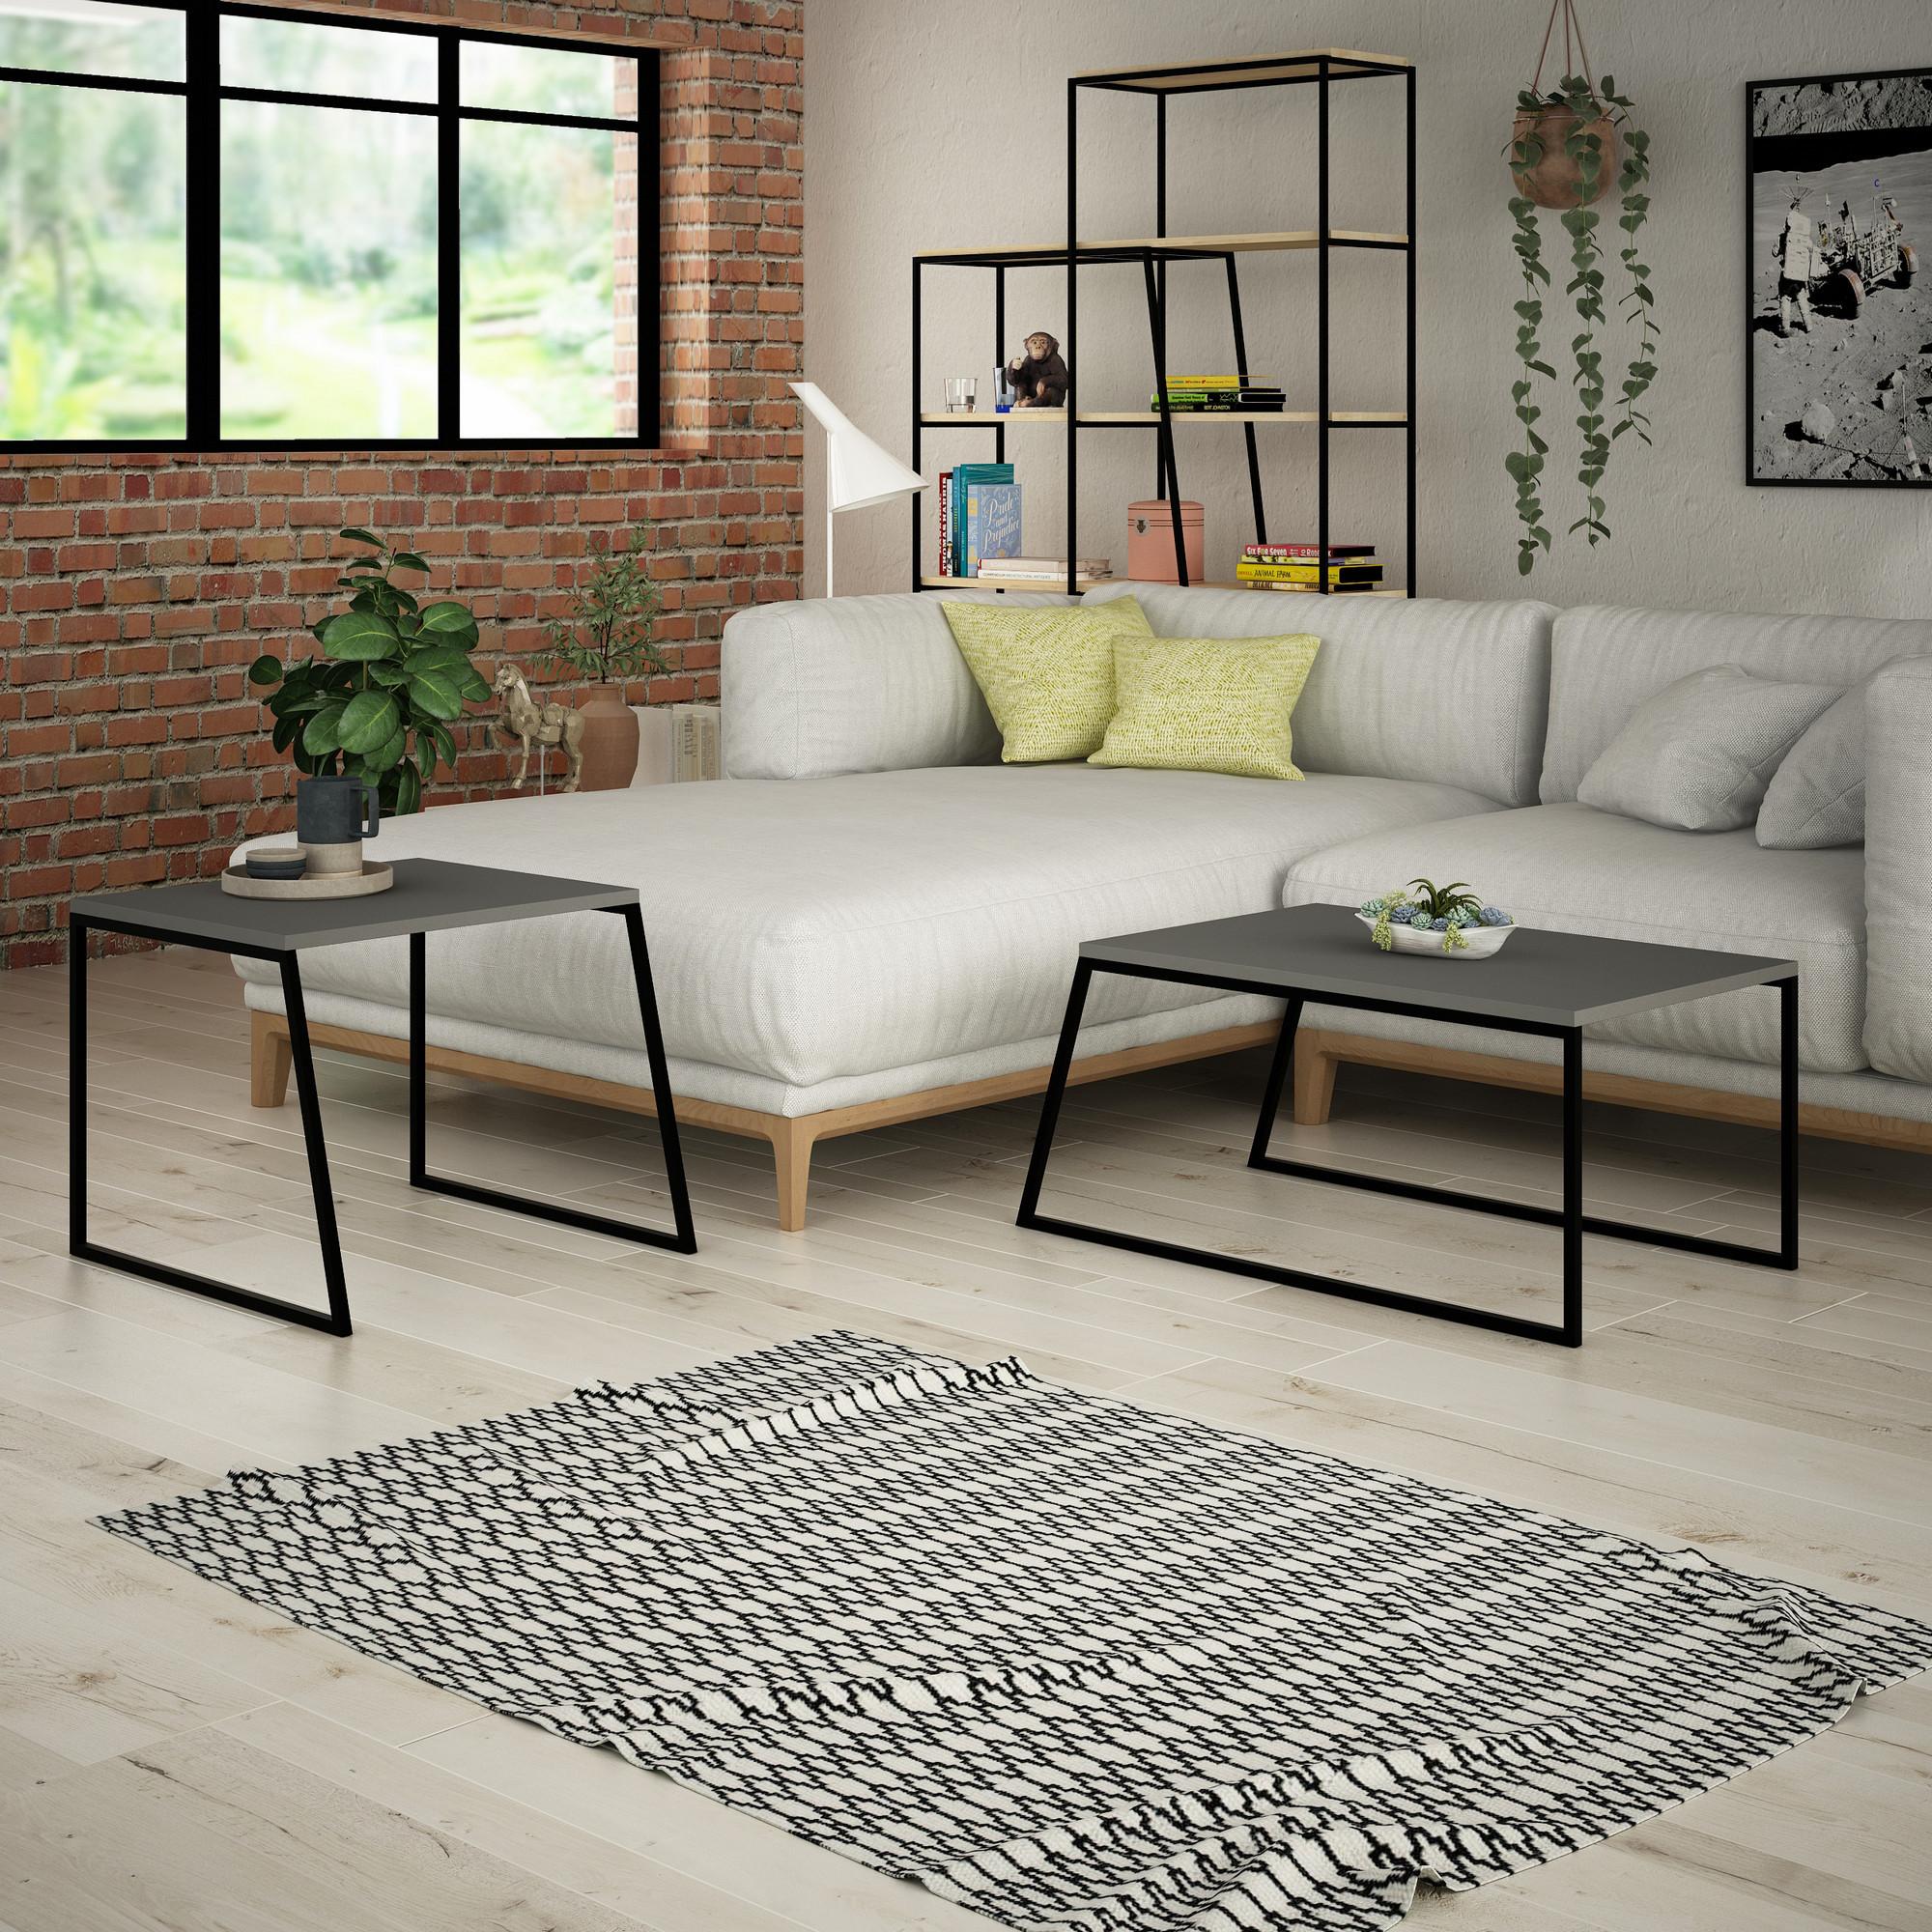 Living Room Furniture Set Pal | Anthracite